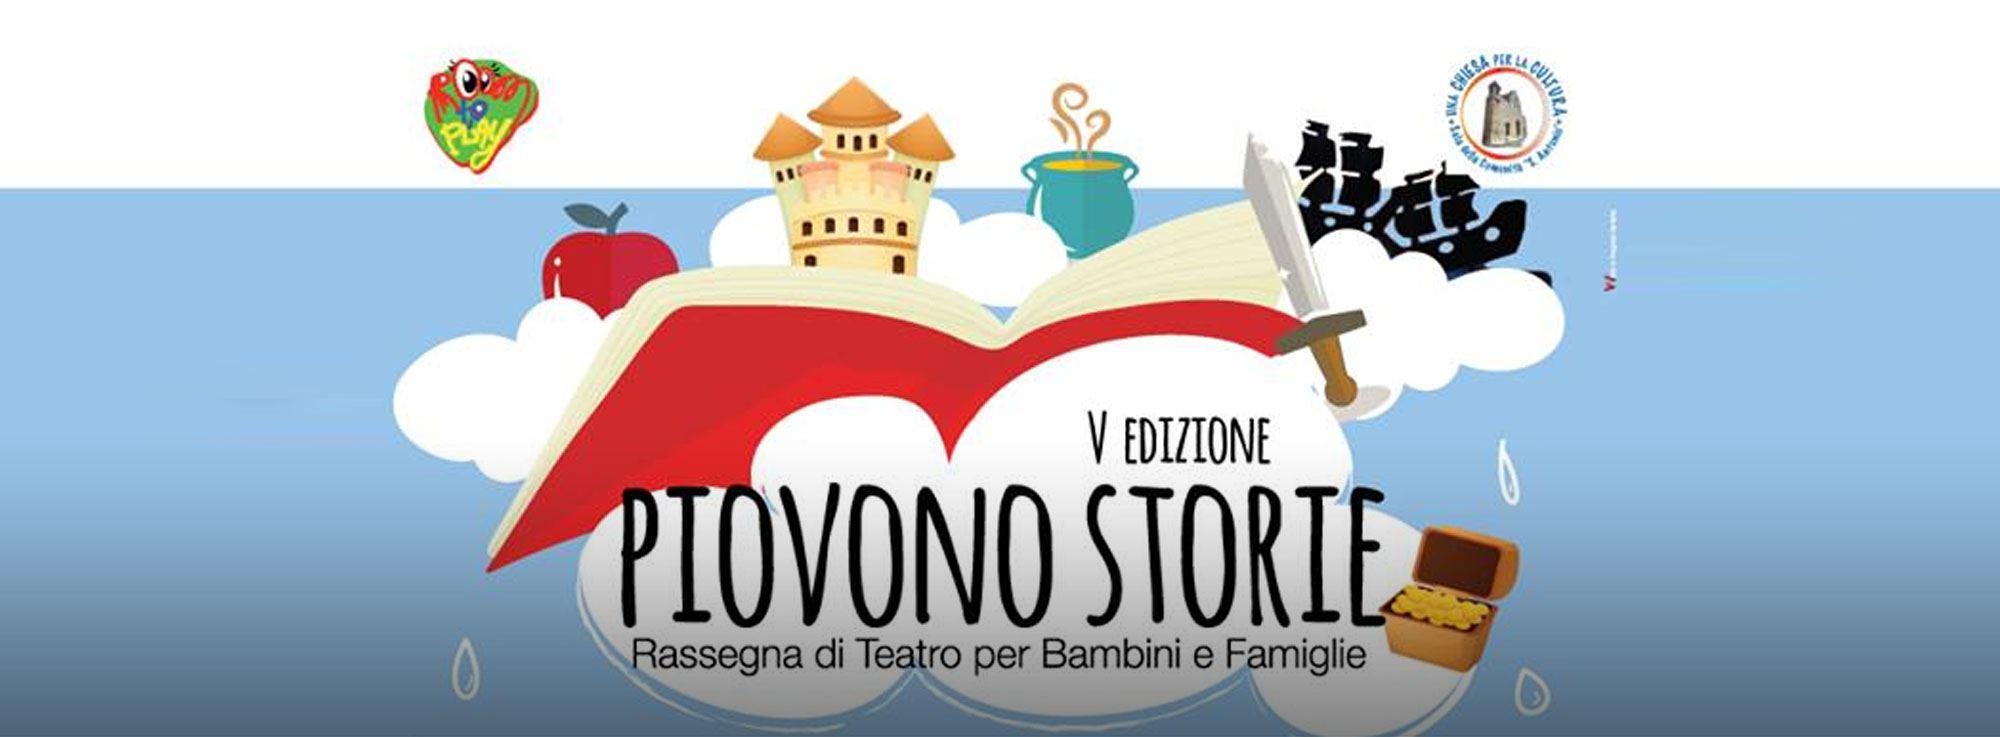 Barletta: Rassegna teatrale per bambini Piovono Storie